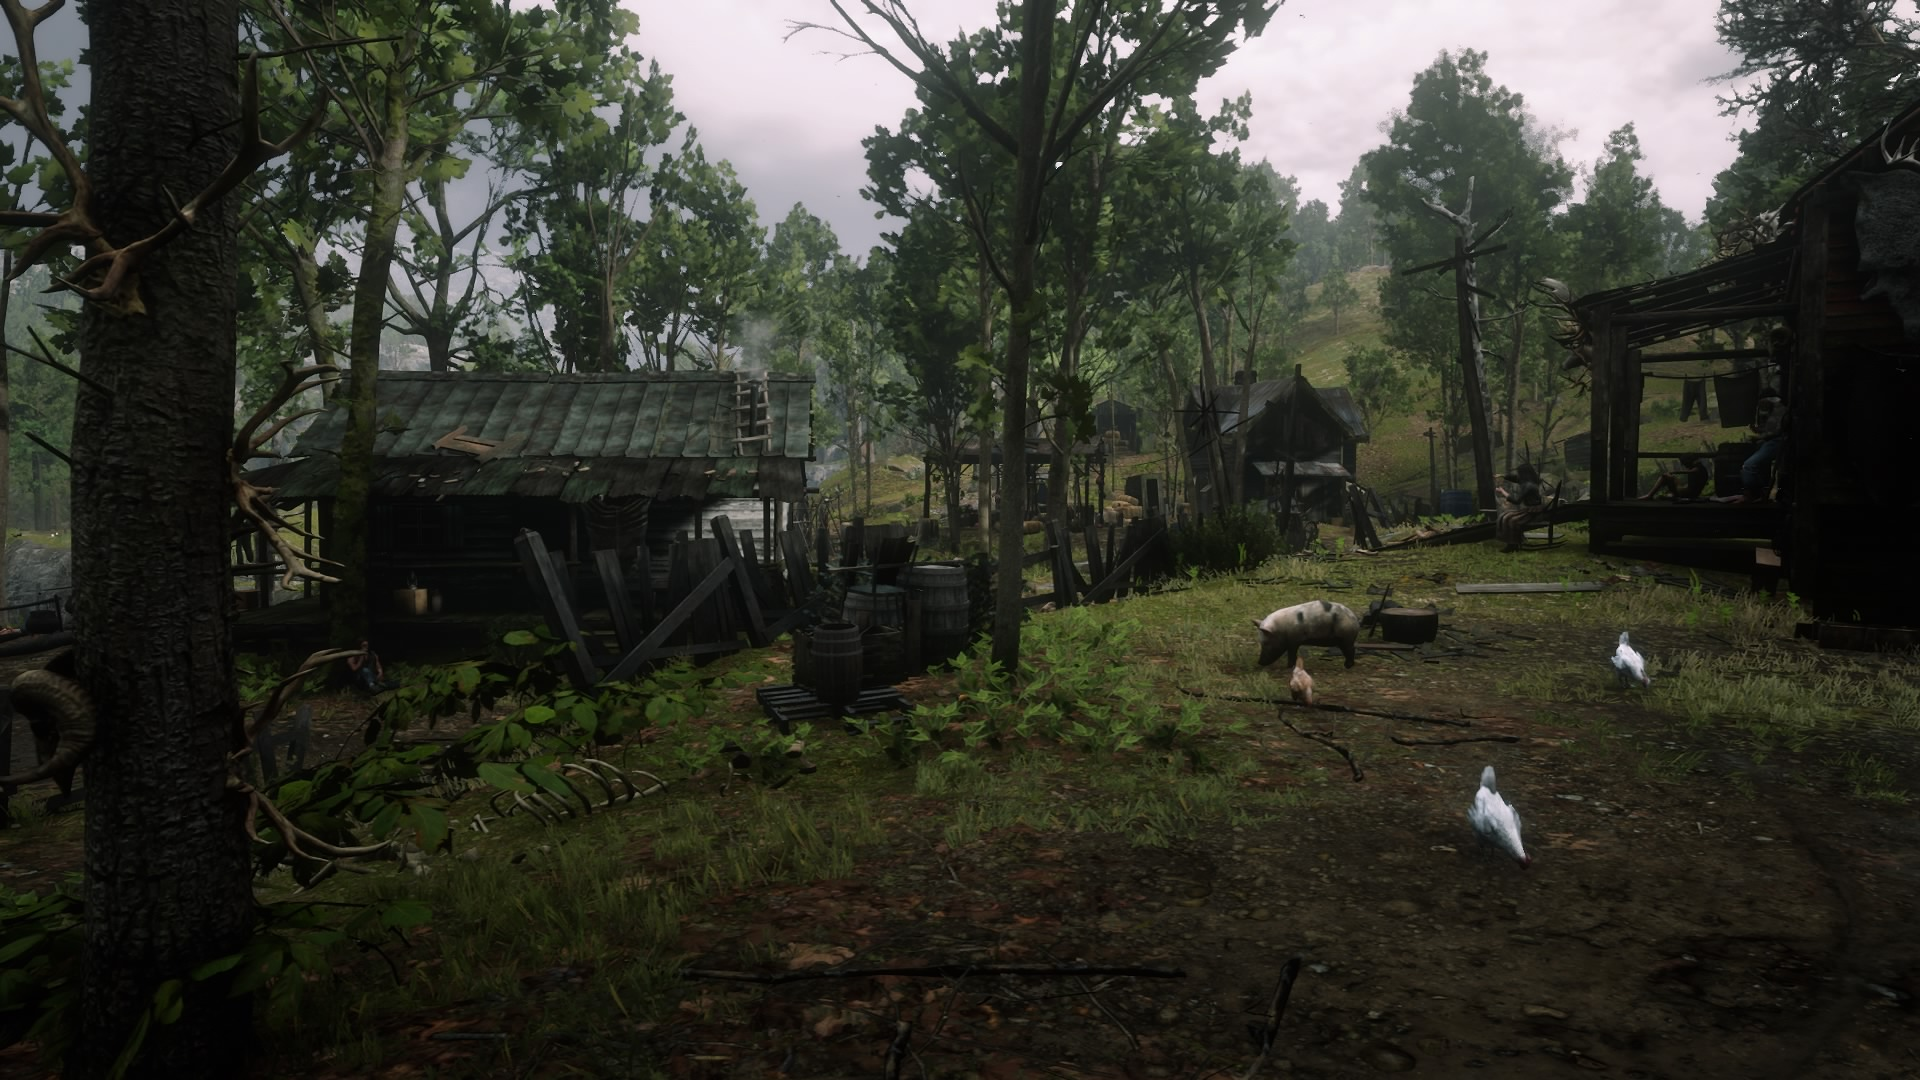 Butcher Creek